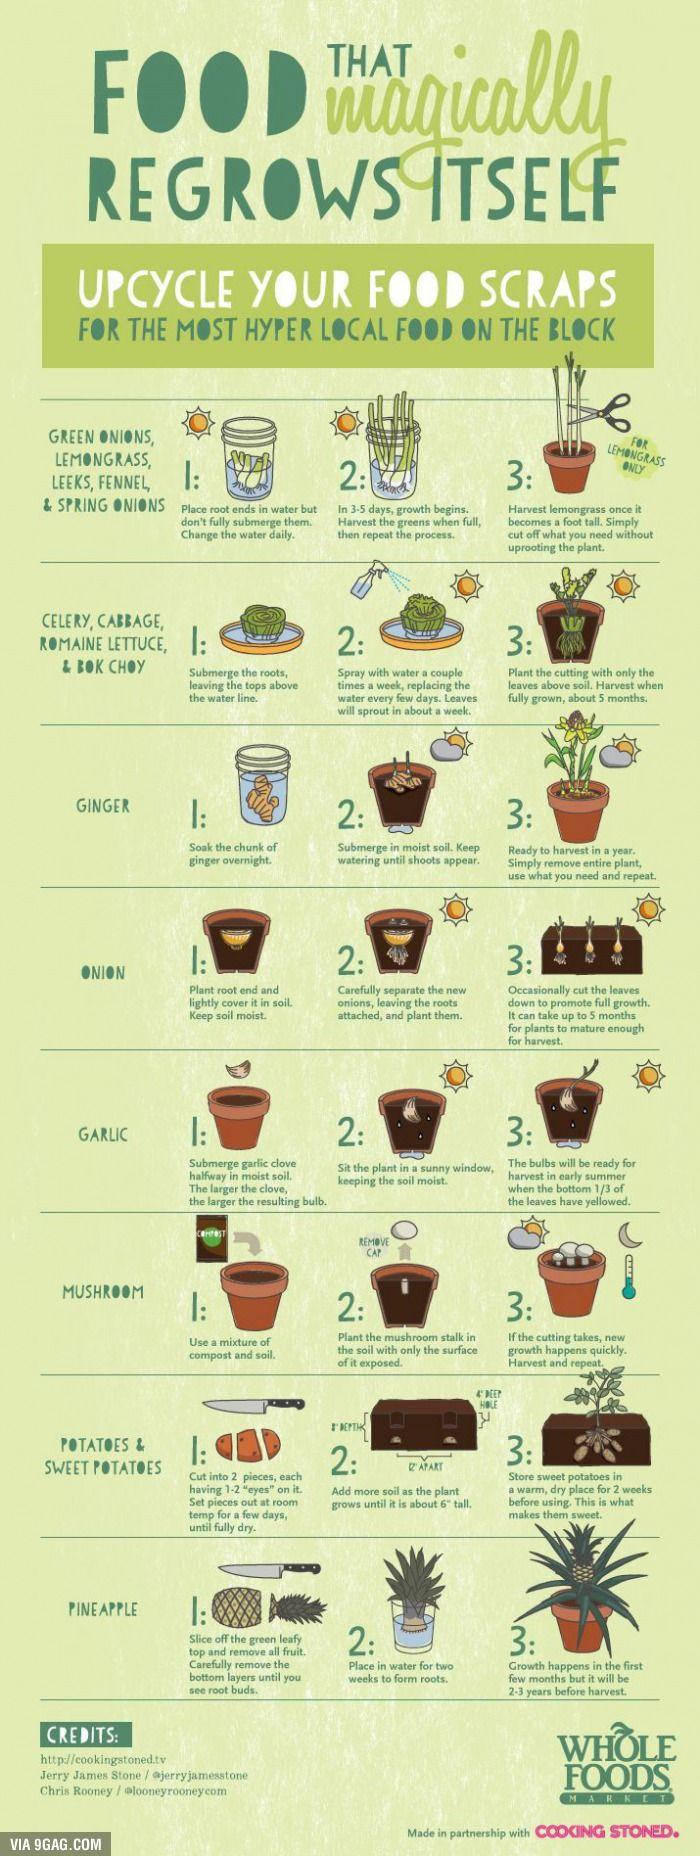 So viele Möglichkeiten Pflanzen aus seinen Resten anzubauen, wundervoll!